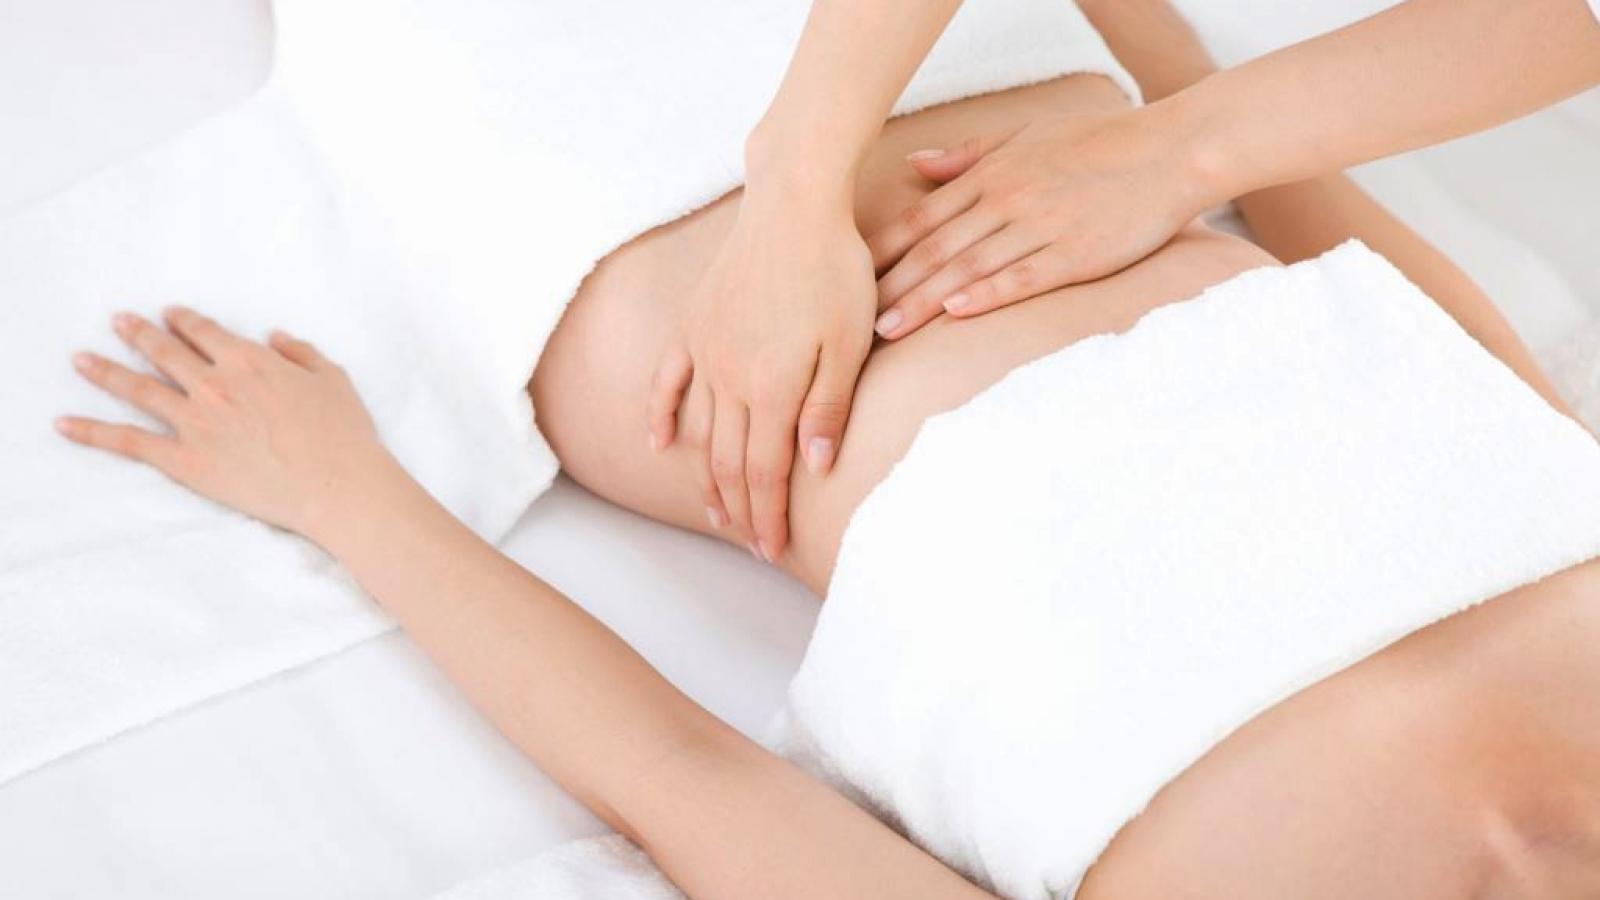 clinica de cirurgia plastica em santos dra ana lucia lemos drenagem linfatica 30.12